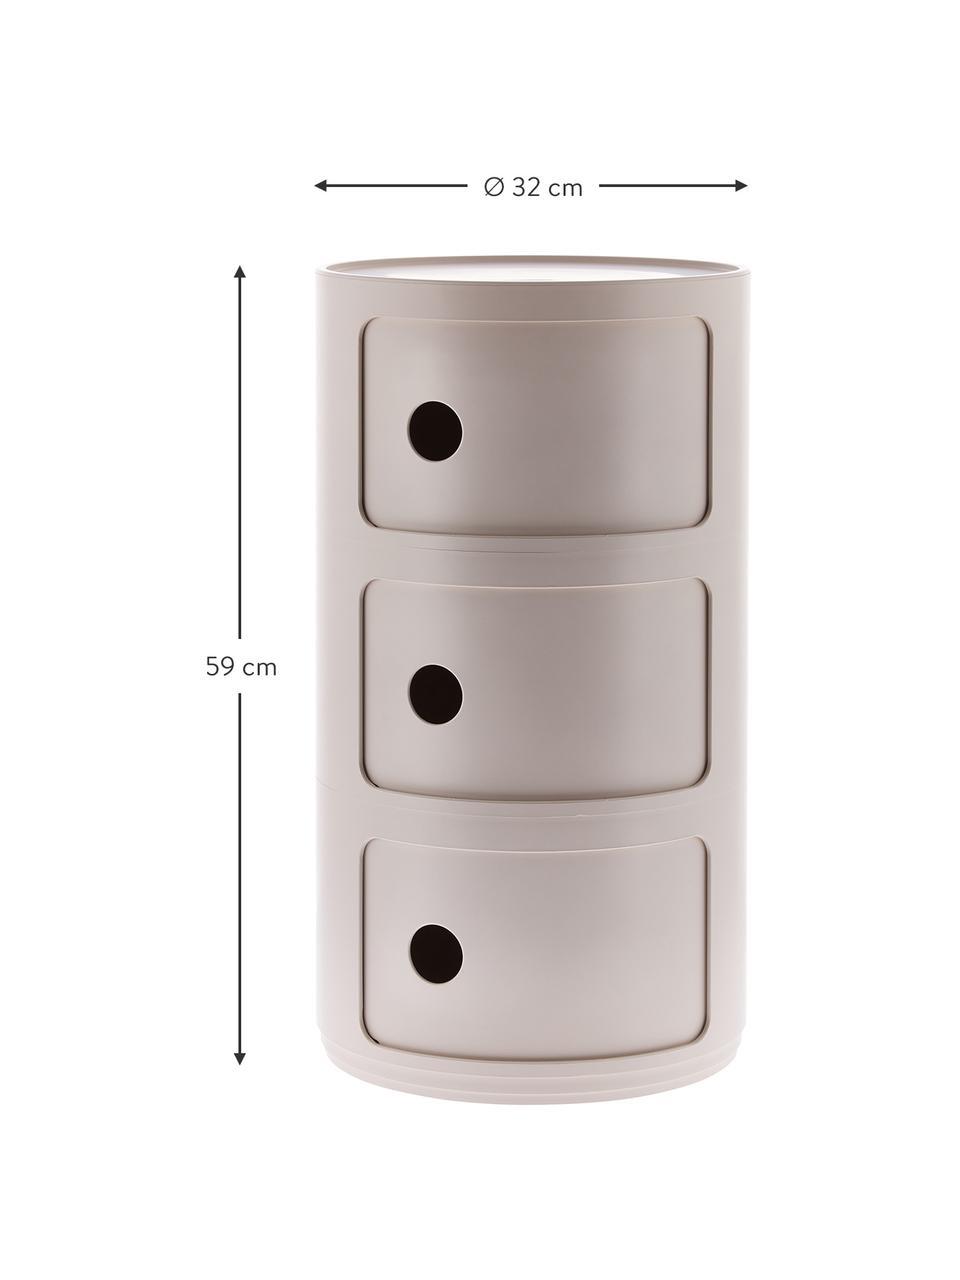 Design Container Componibili Bio 3 Modules, 100% Biopolymer aus nachwachsenden Rohstoffen, Creme, matt, Ø 32 x H 59 cm